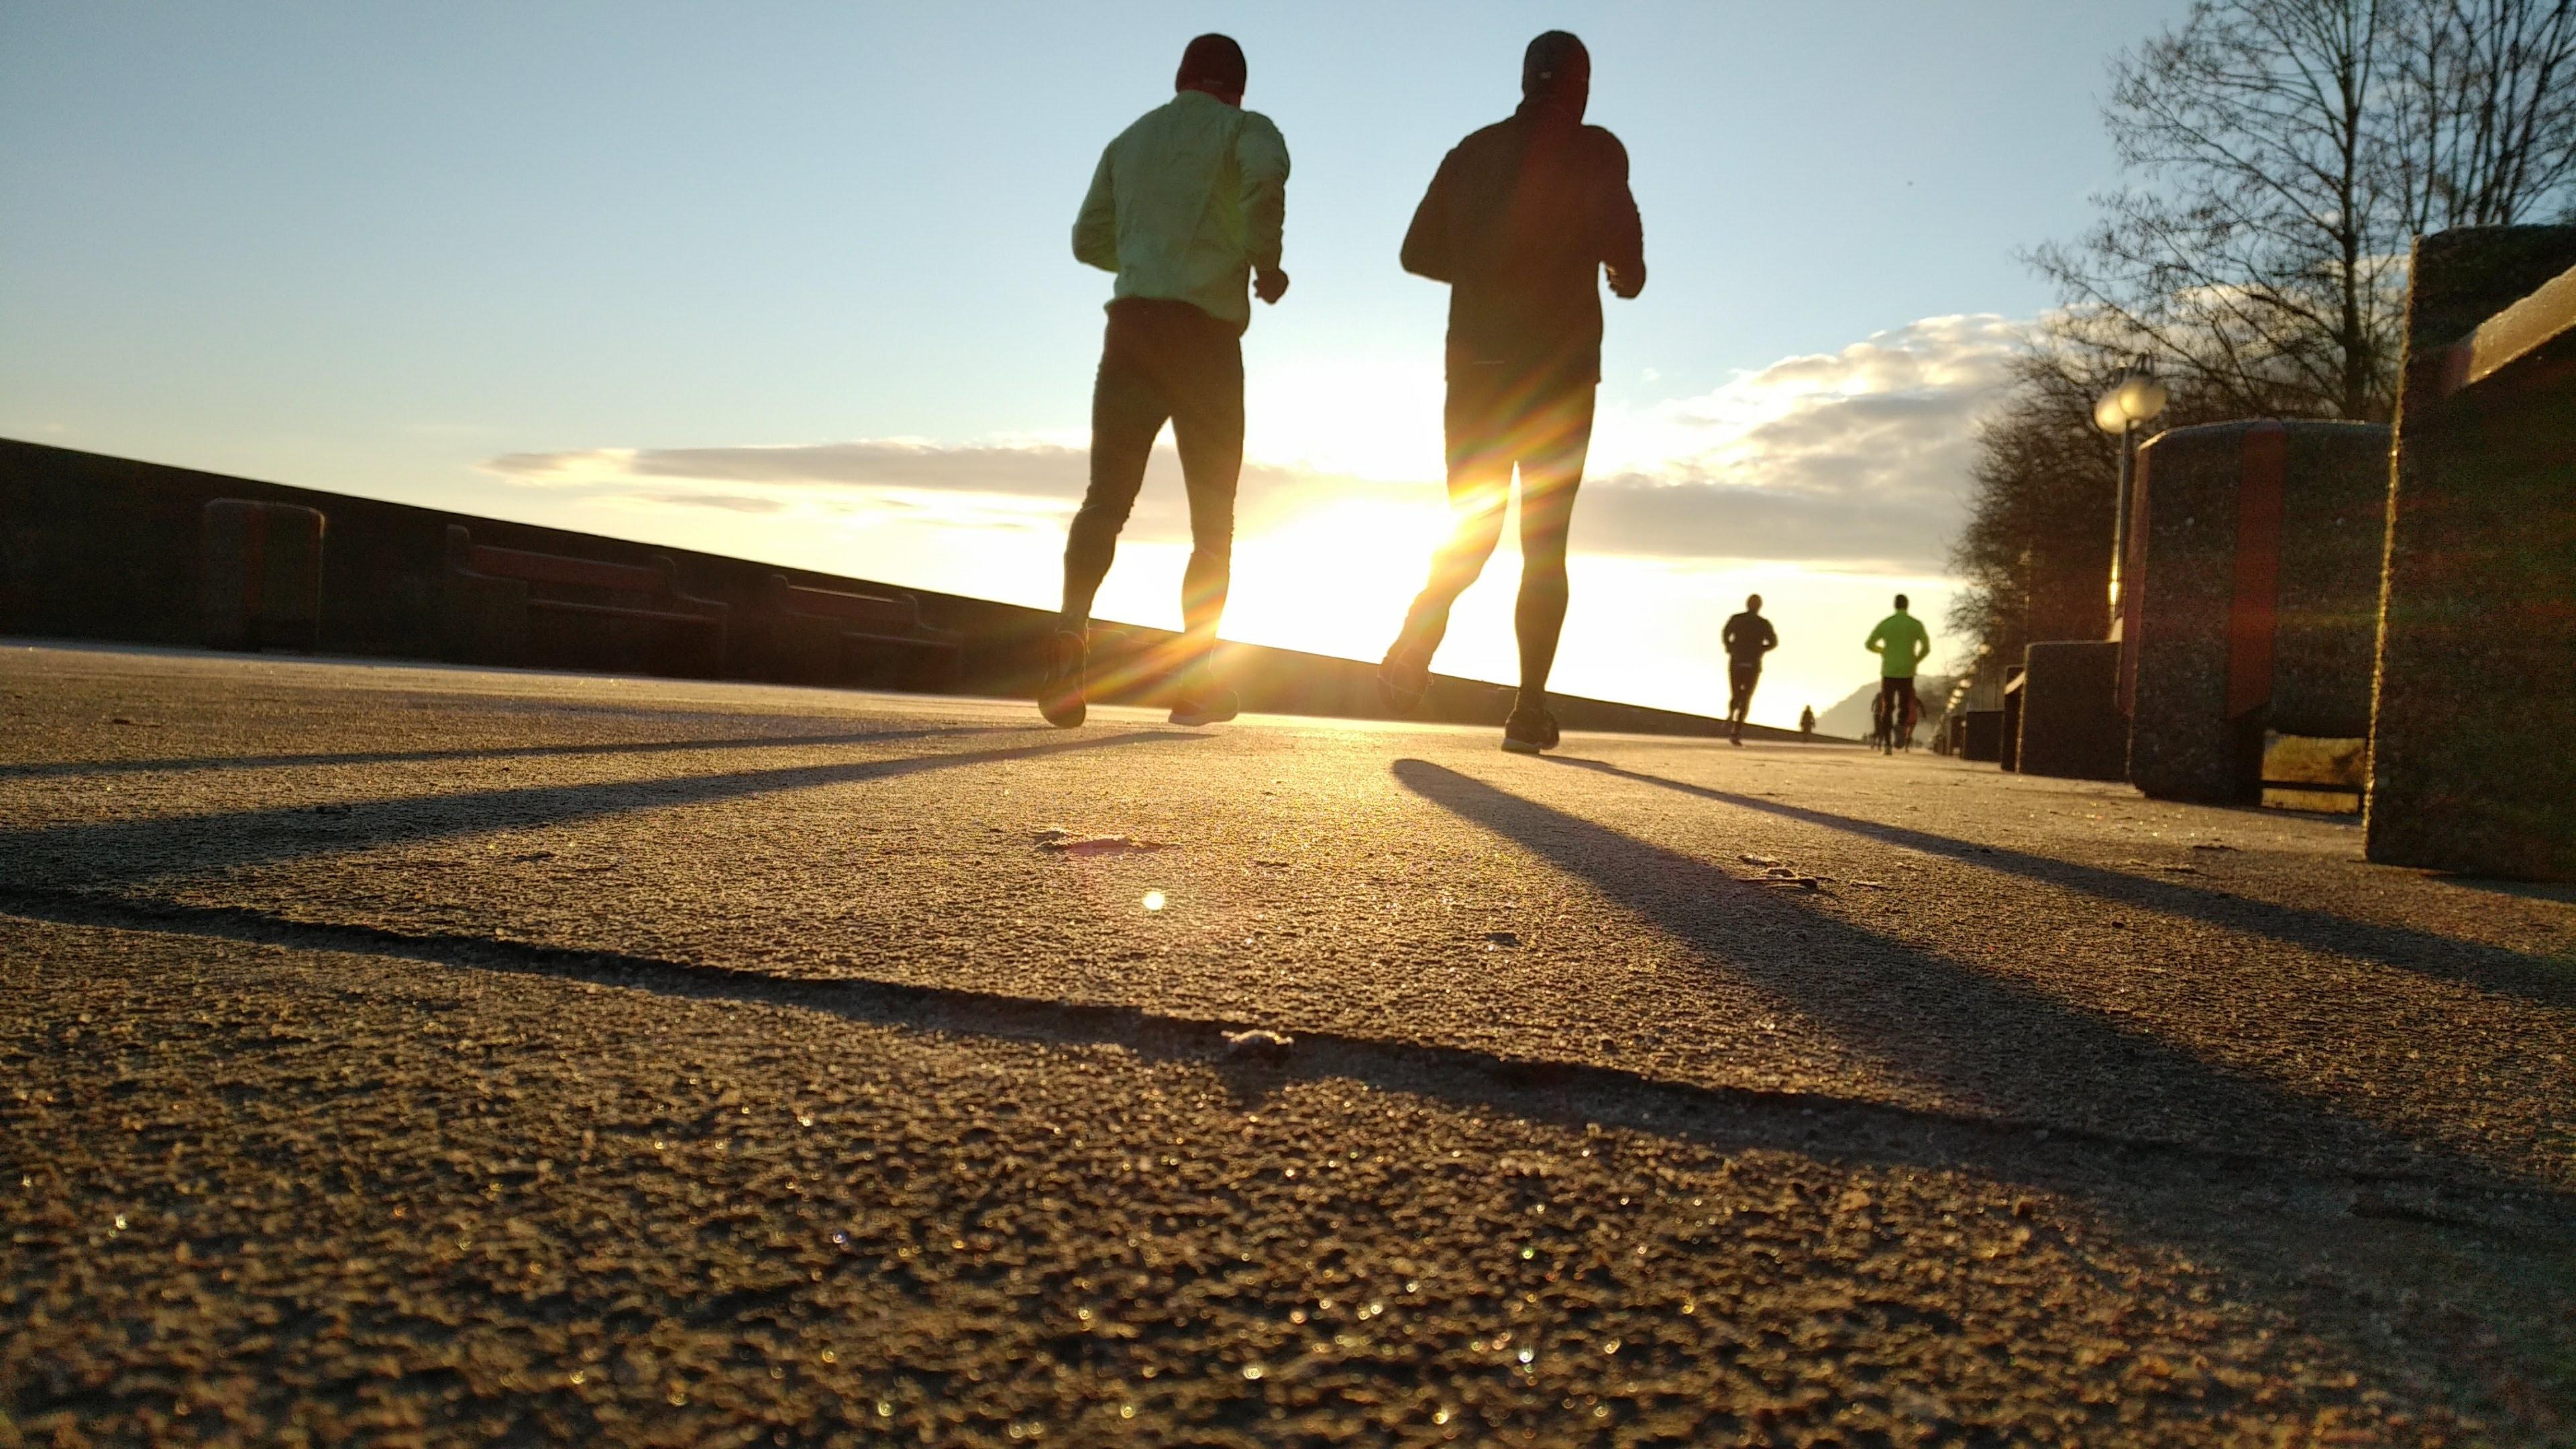 Why running?